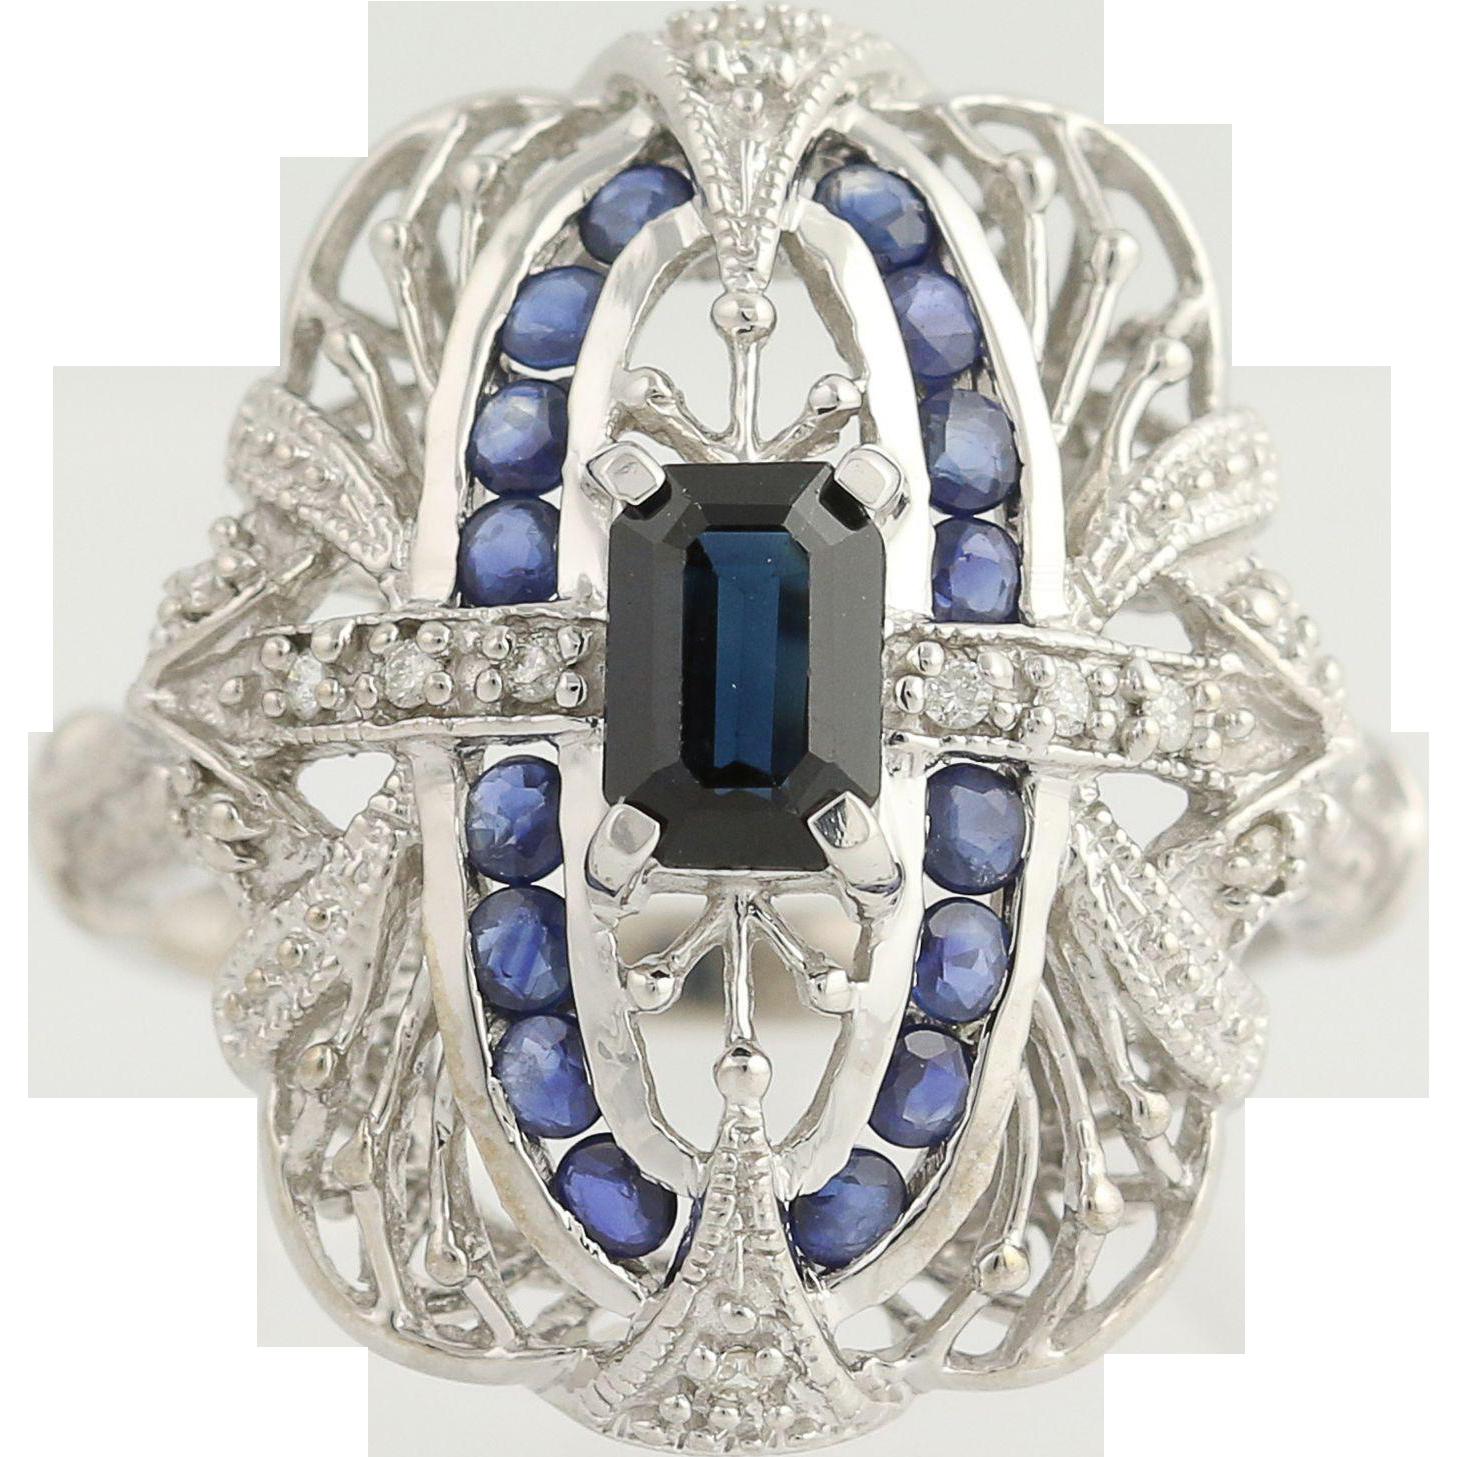 Sapphire & Diamond Ring - 14k White Gold September Birthstone 1.61ctw